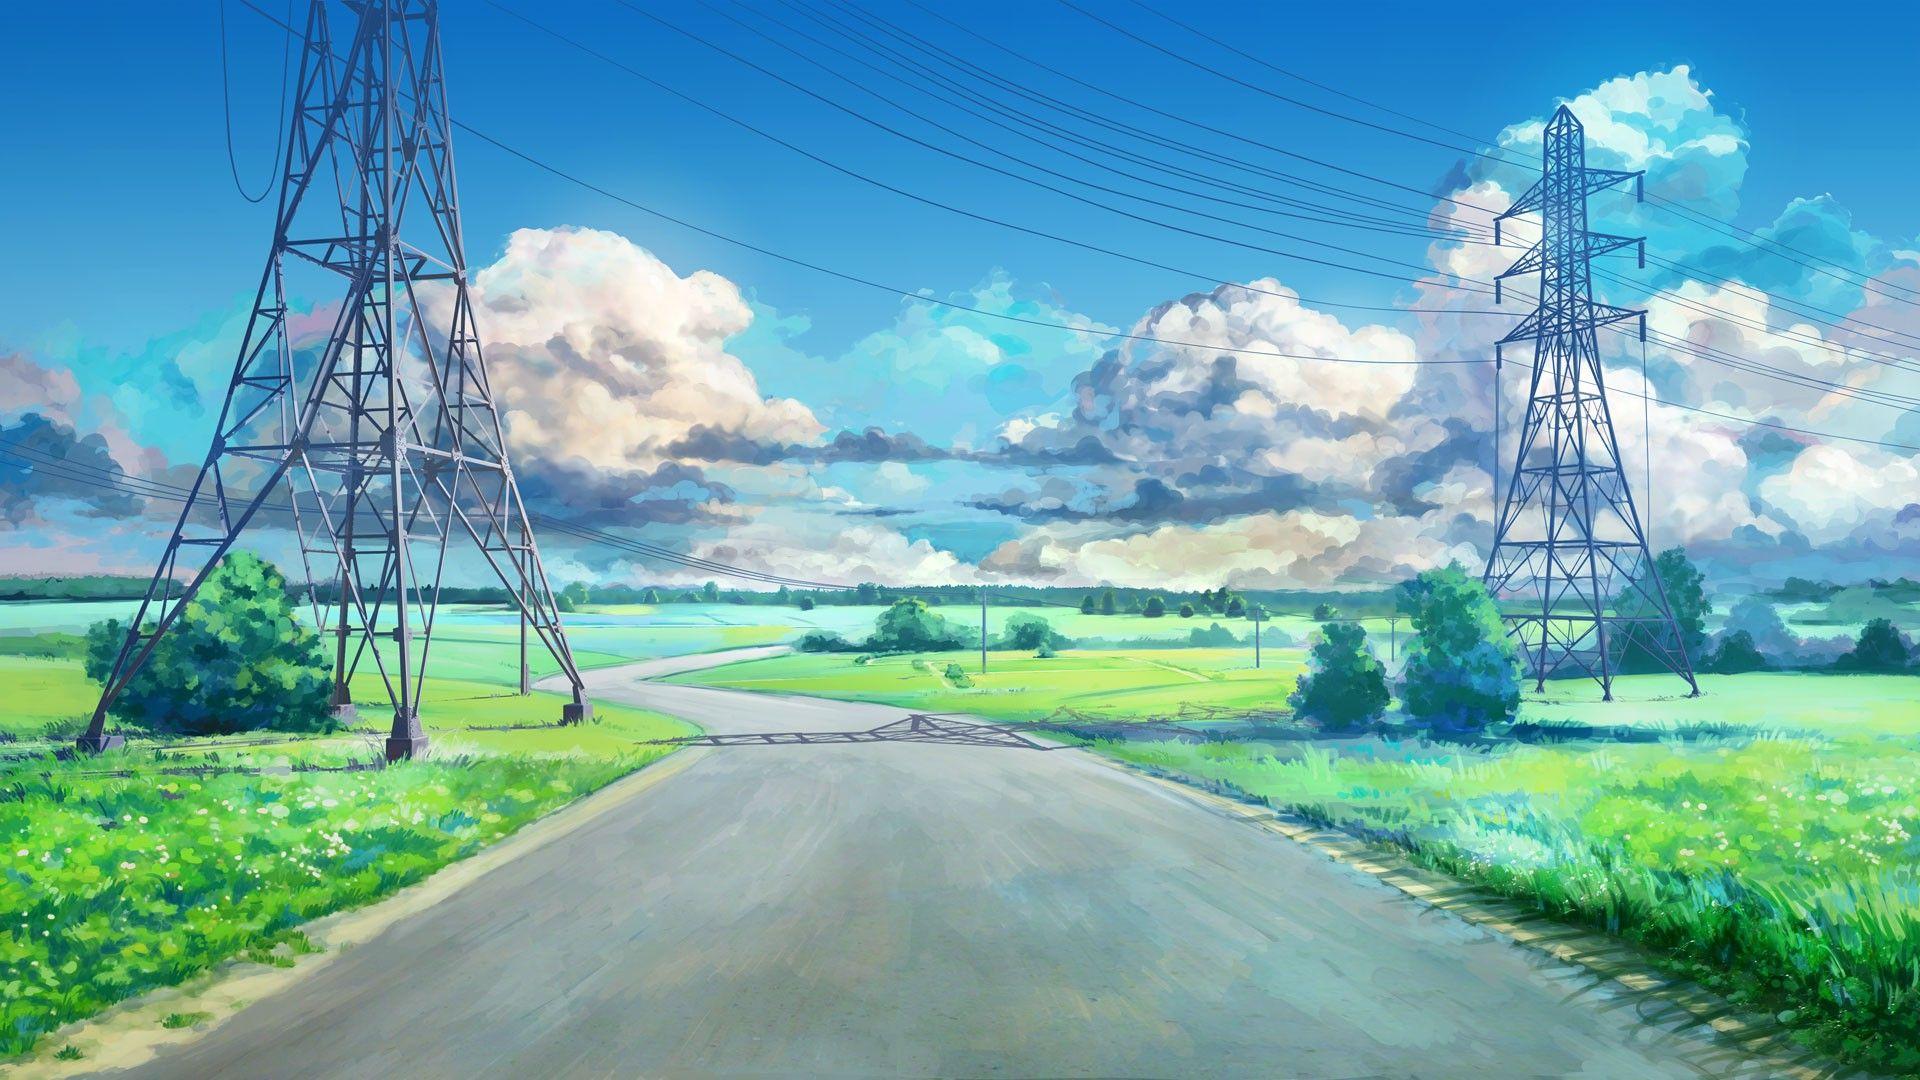 30+ Beautiful Anime Landscape Wallpapers 4K Ultra HD